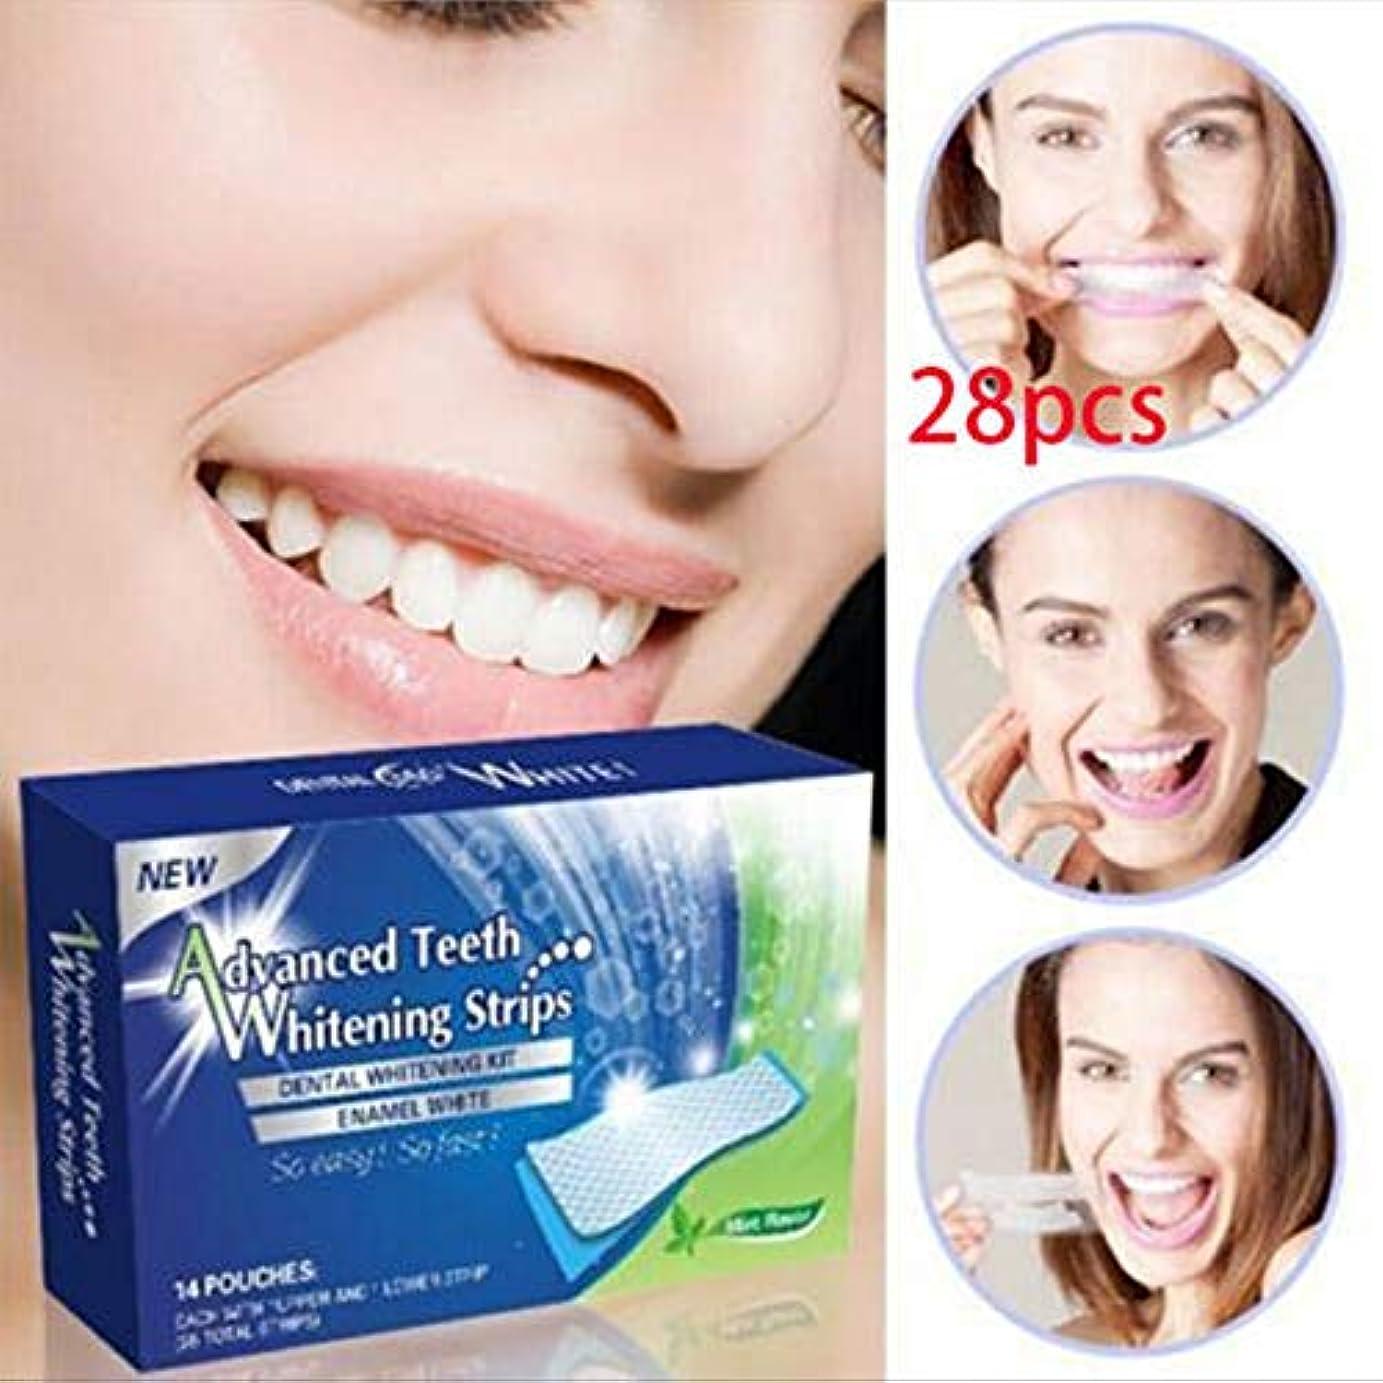 ベーシック置換メトロポリタン歯 美白 ホワイトニング マニキュア 歯ケア 歯のホワイトニング 美白歯磨き 歯を白 ホワイトニングテープ 歯を漂白 14セット/28枚